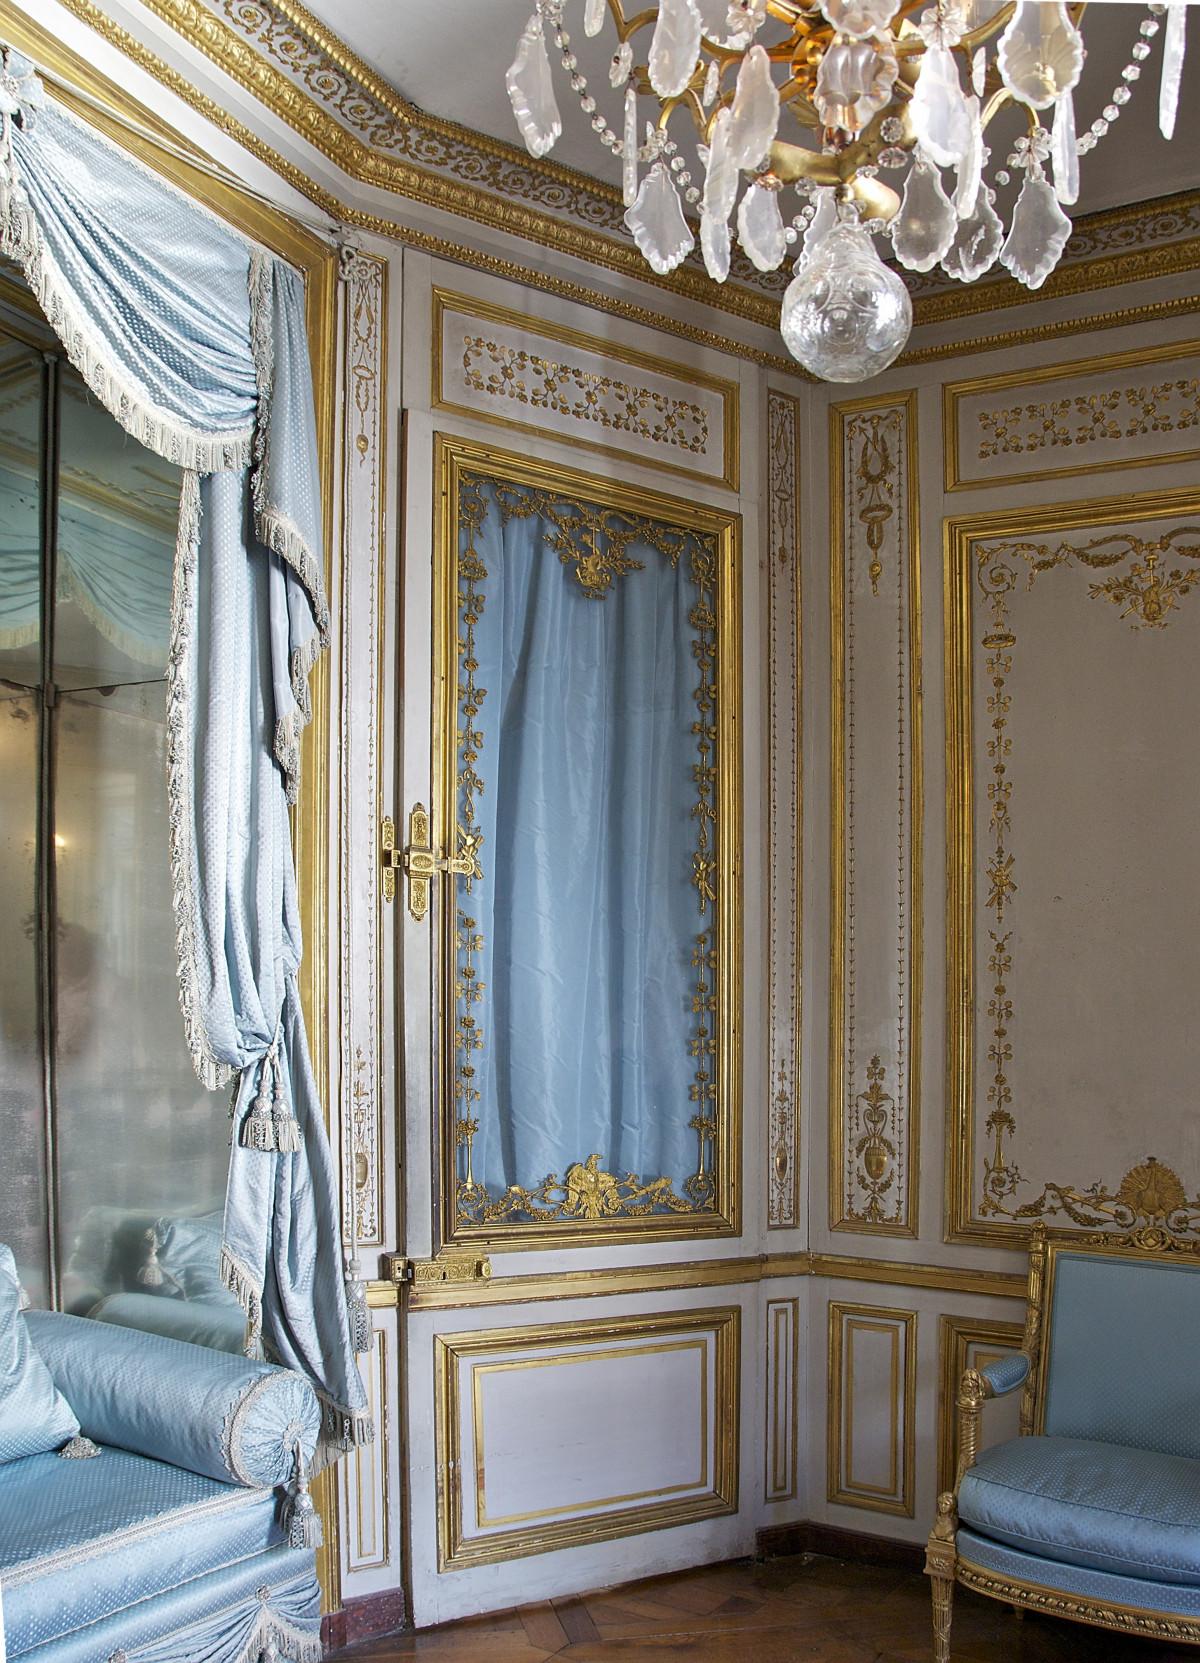 Fotos gratis palacio techo cortina sala habitaci n dise o de interiores textil - Persianas palacio ...